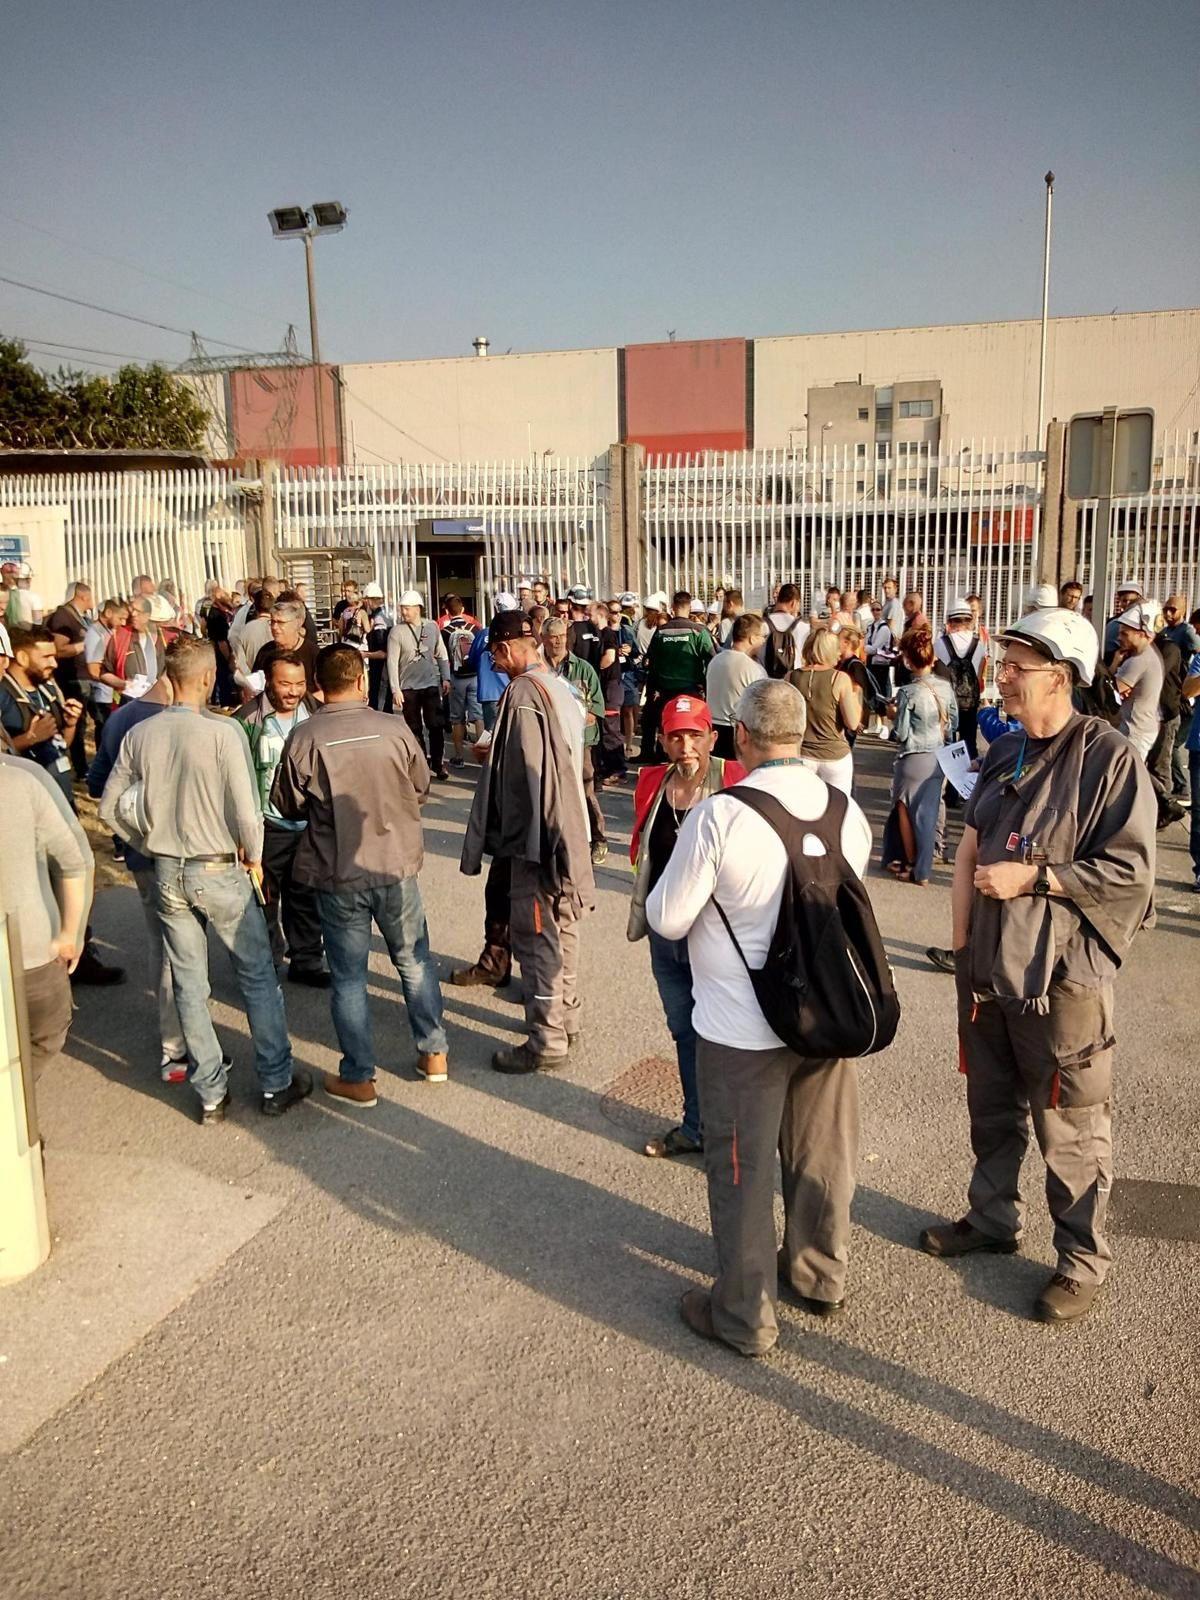 GRAVELINES : RENOUVELLEMENT DE LA PGAC, MOUVEMENT DE GRÉVE DES PRESTATAIRES LE 25 JUILLET !!